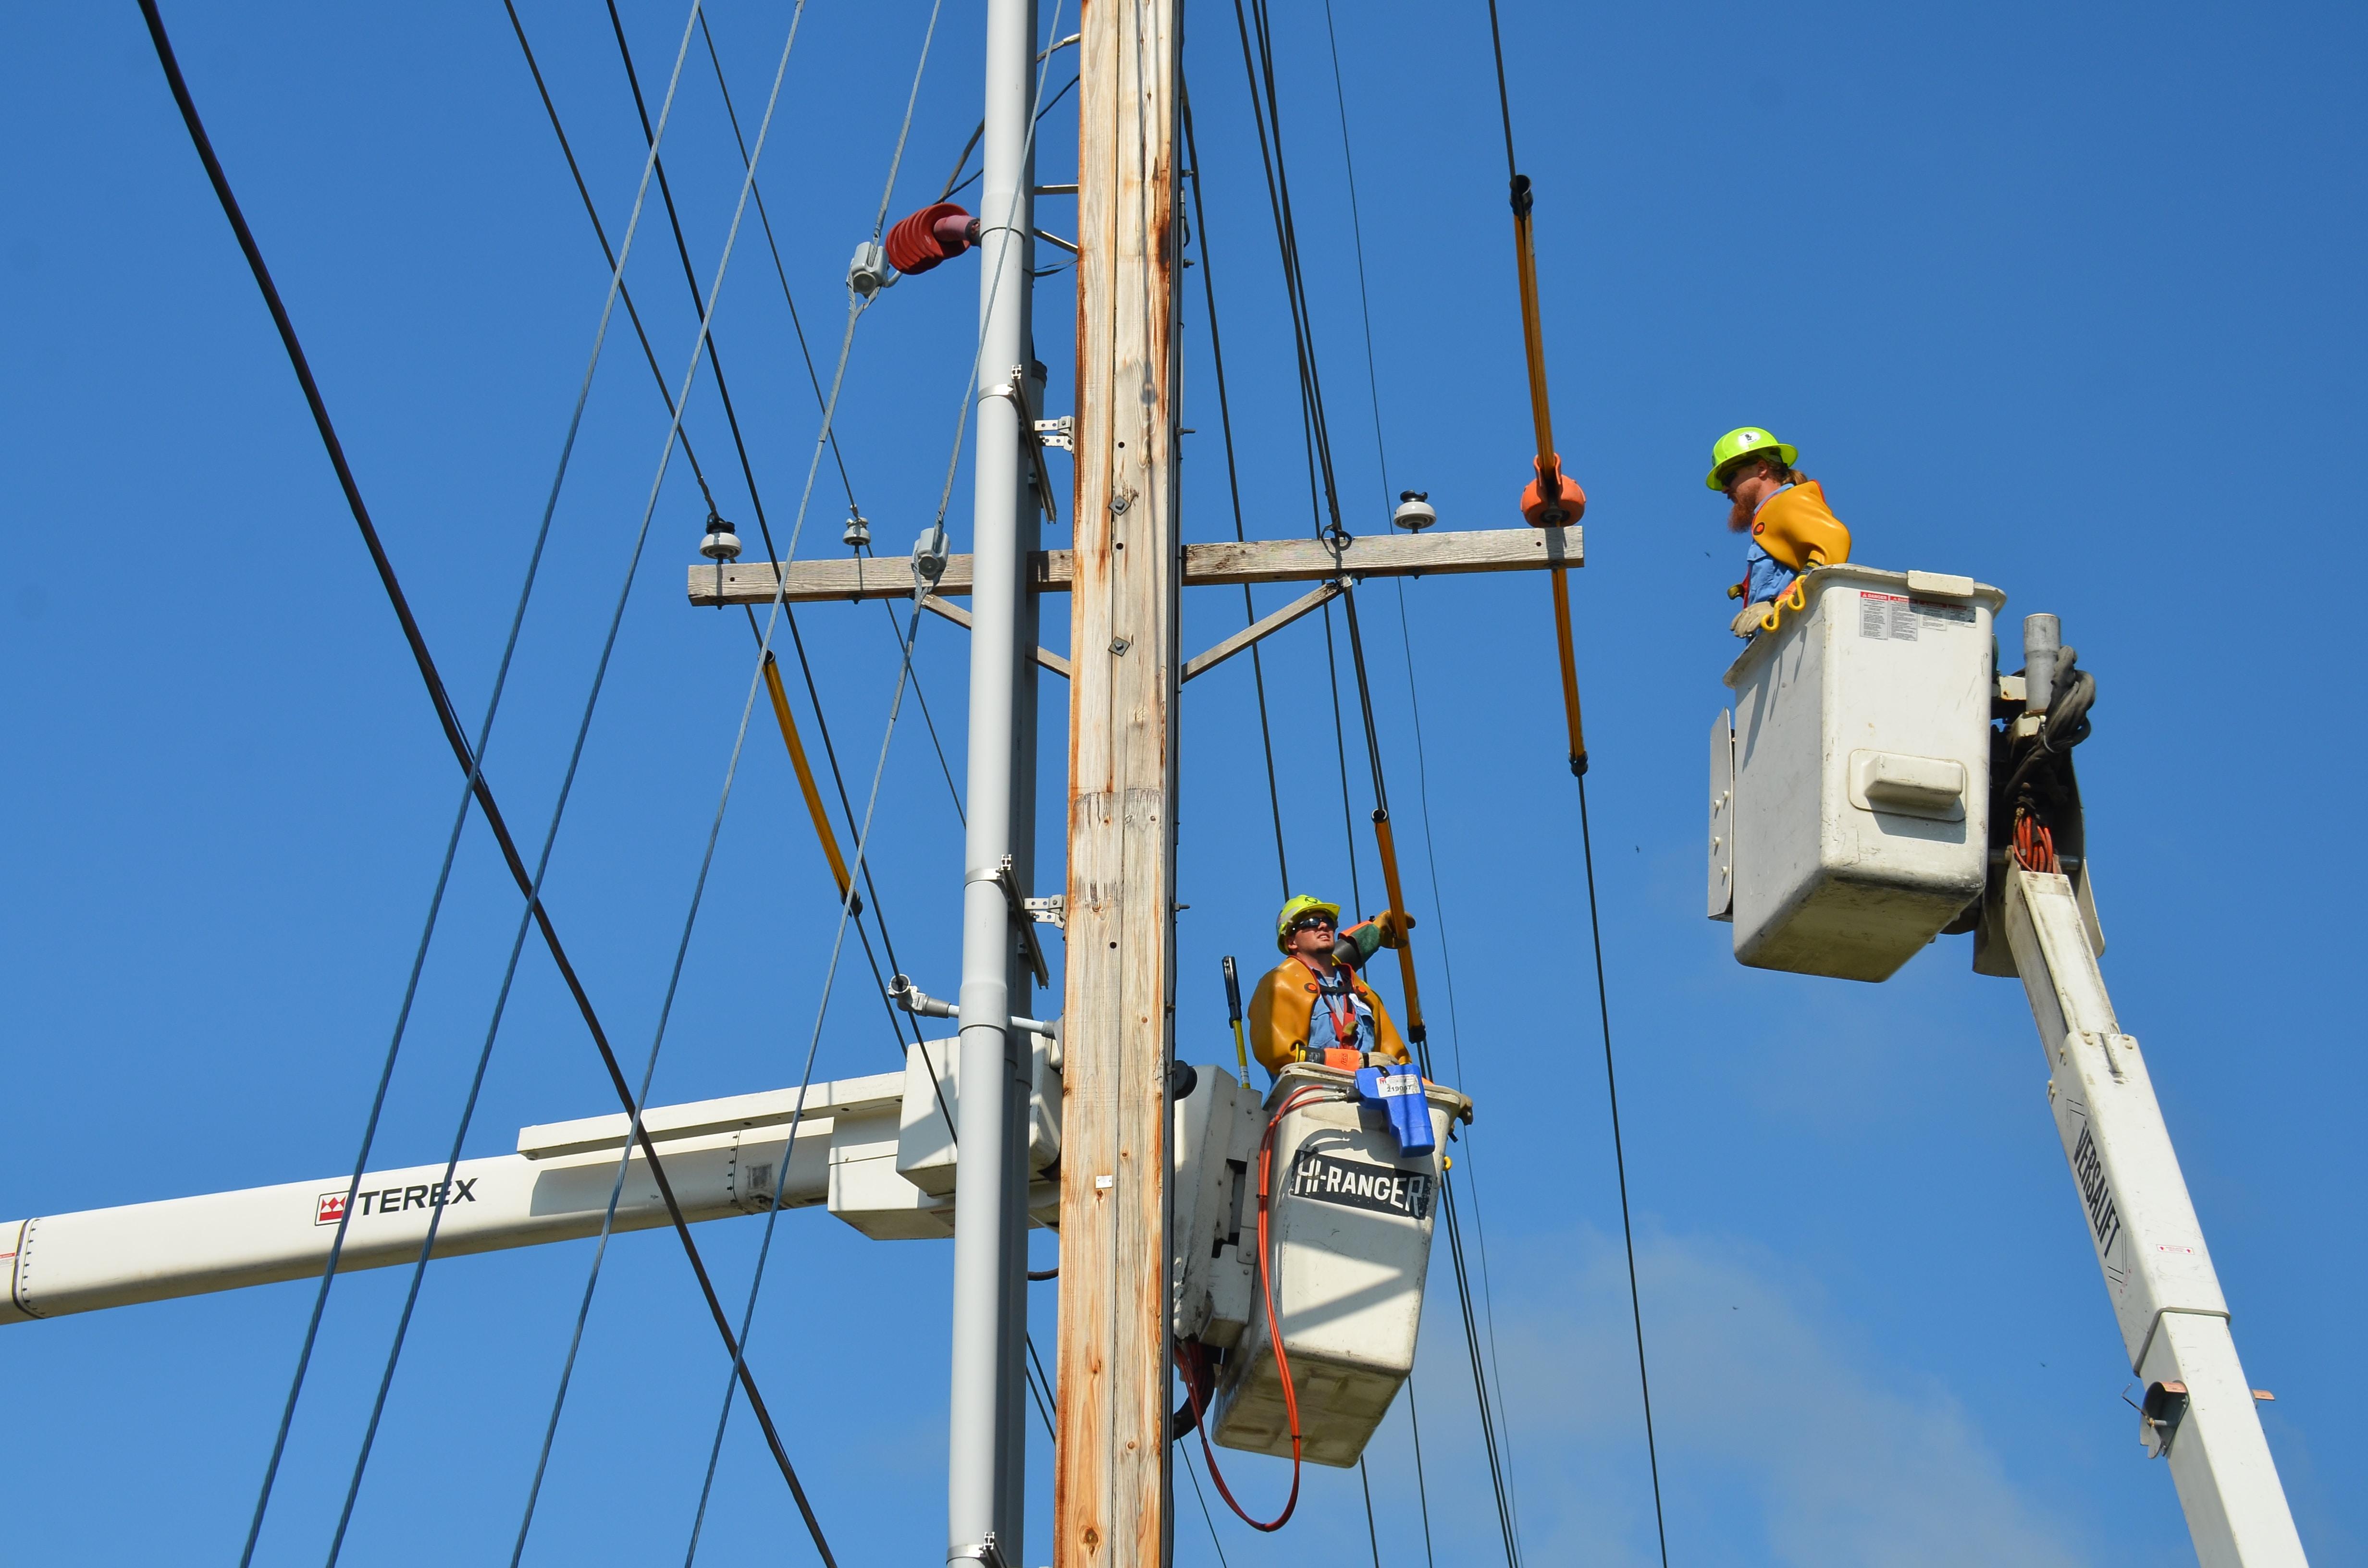 Remboursement de la Contribution au service public de l'électricité (CSPE)